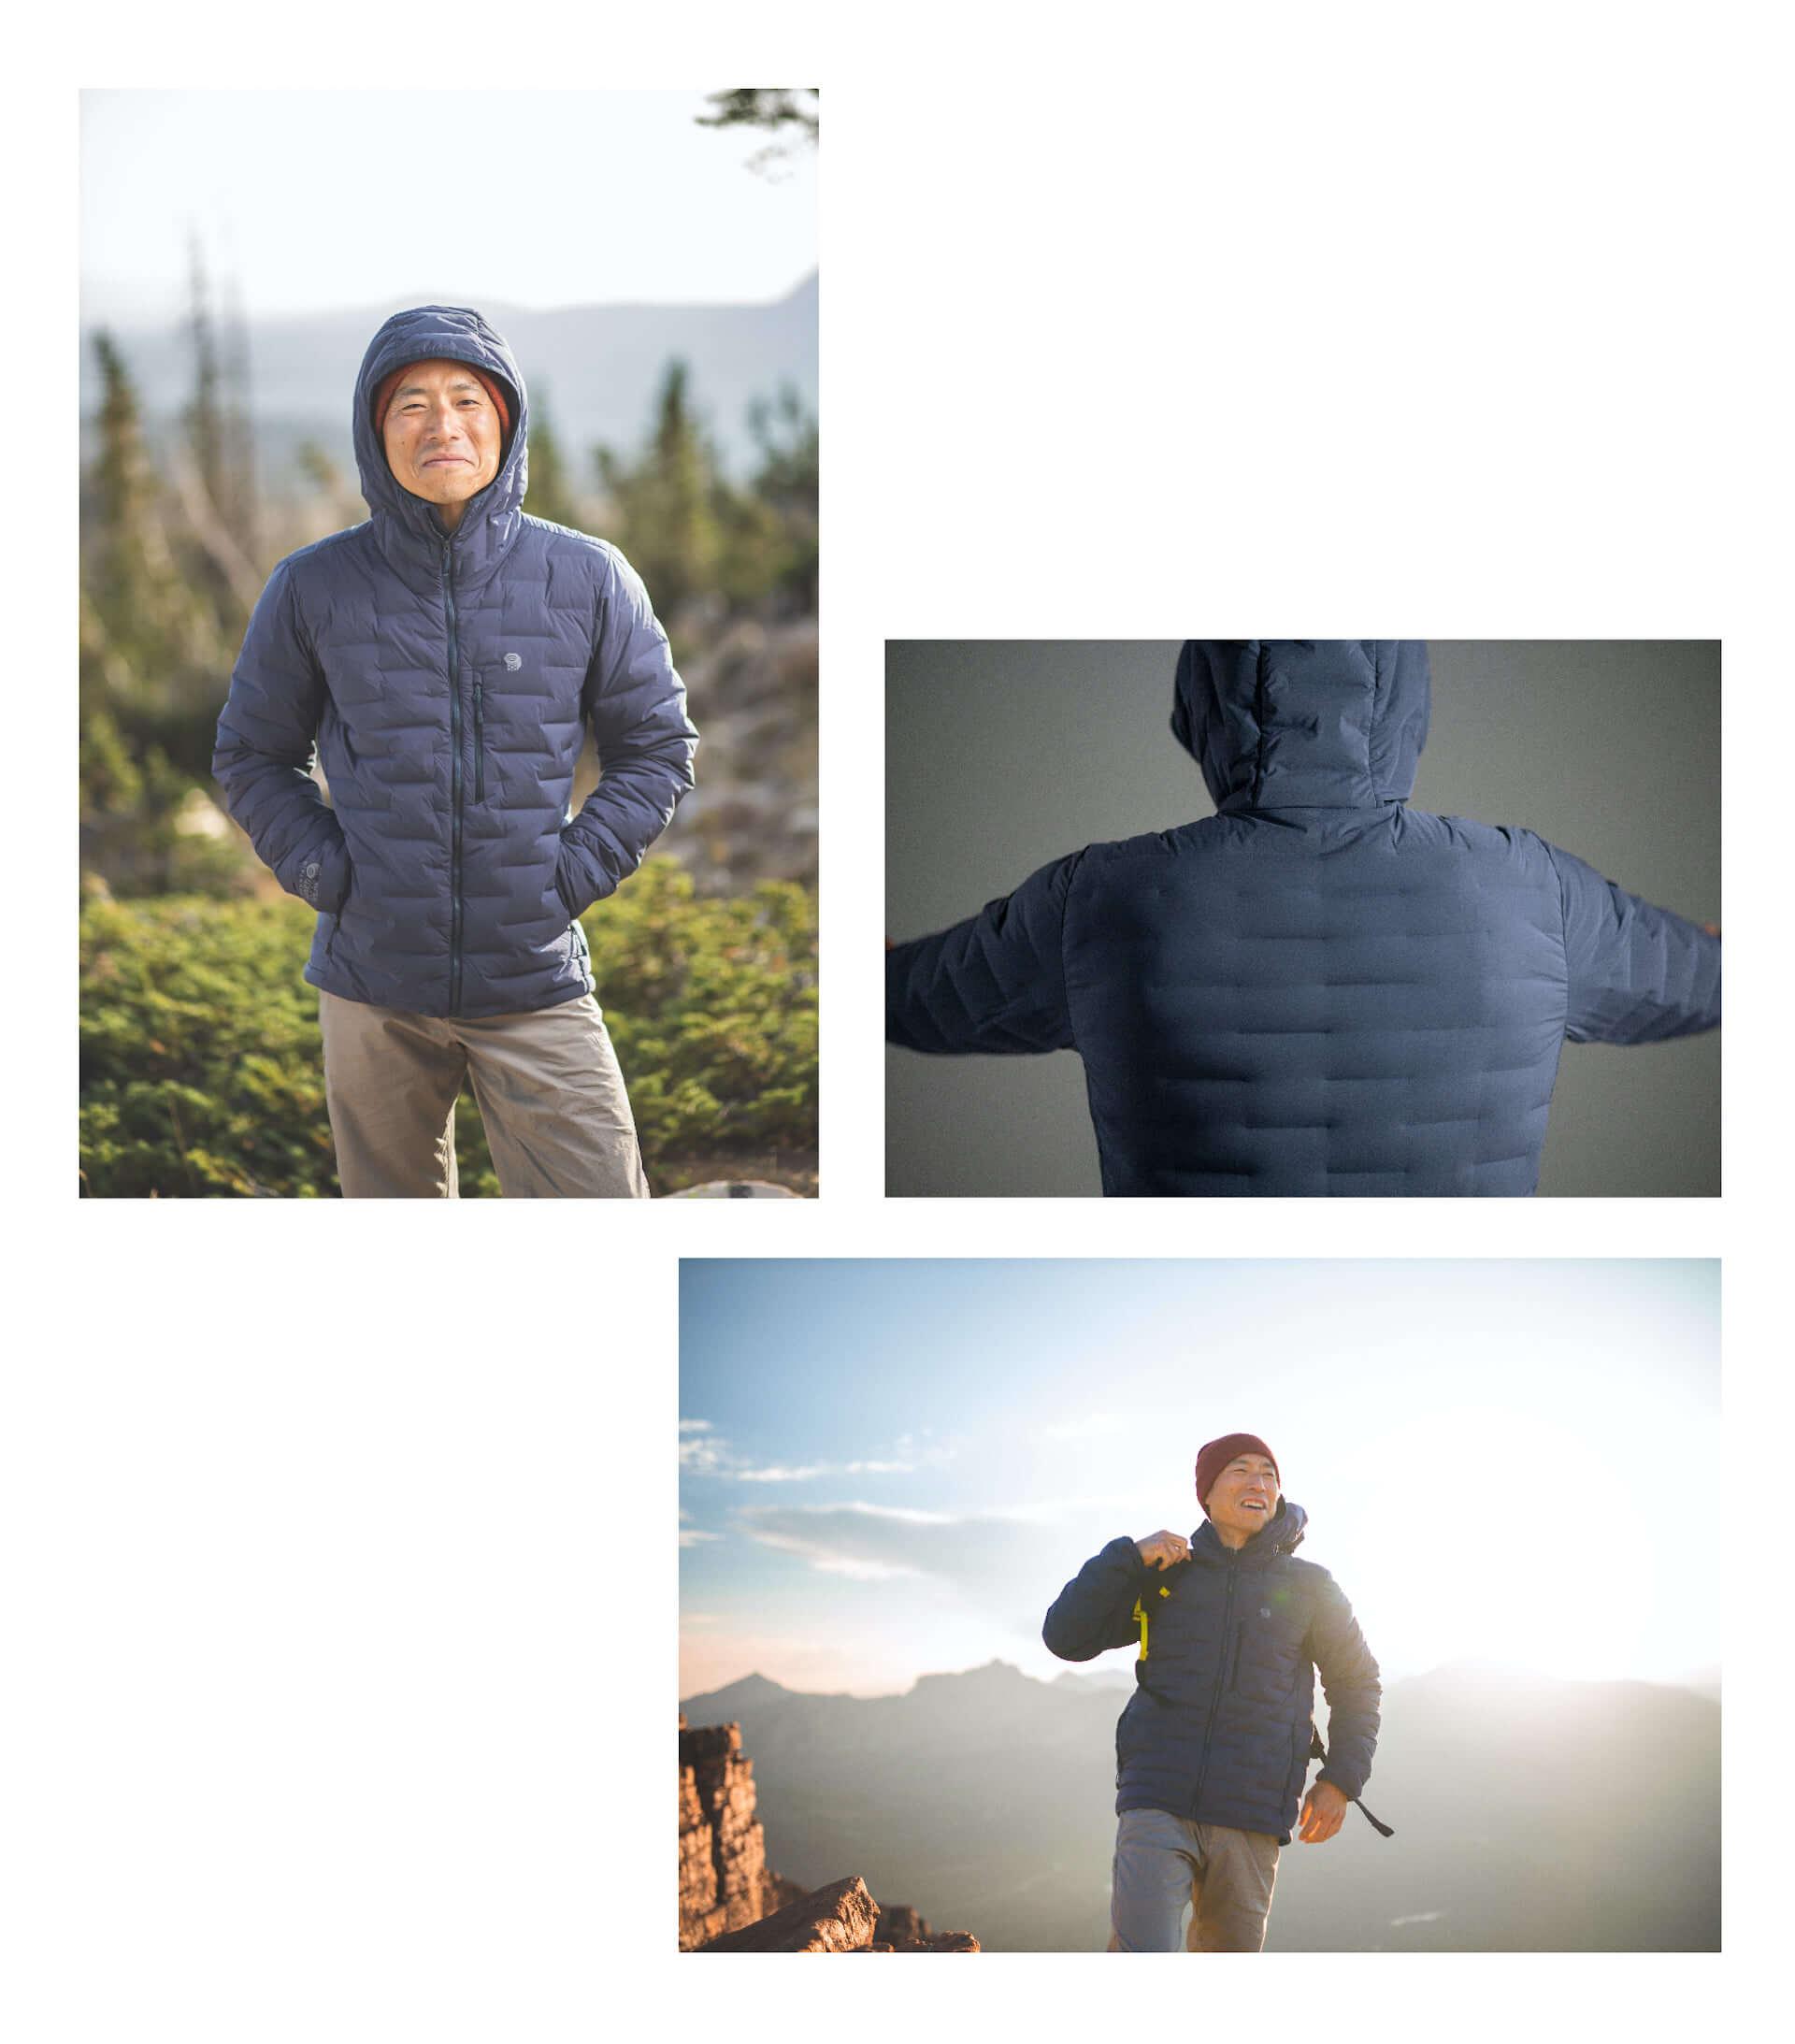 マウンテンハードウェアが縫い目の無いダウンジャケット「Super/DS Strechdown」を発売!クライミング用、ウィメンズモデルなど多数展開 lf201016_mountain-hardwear_2-1920x2186